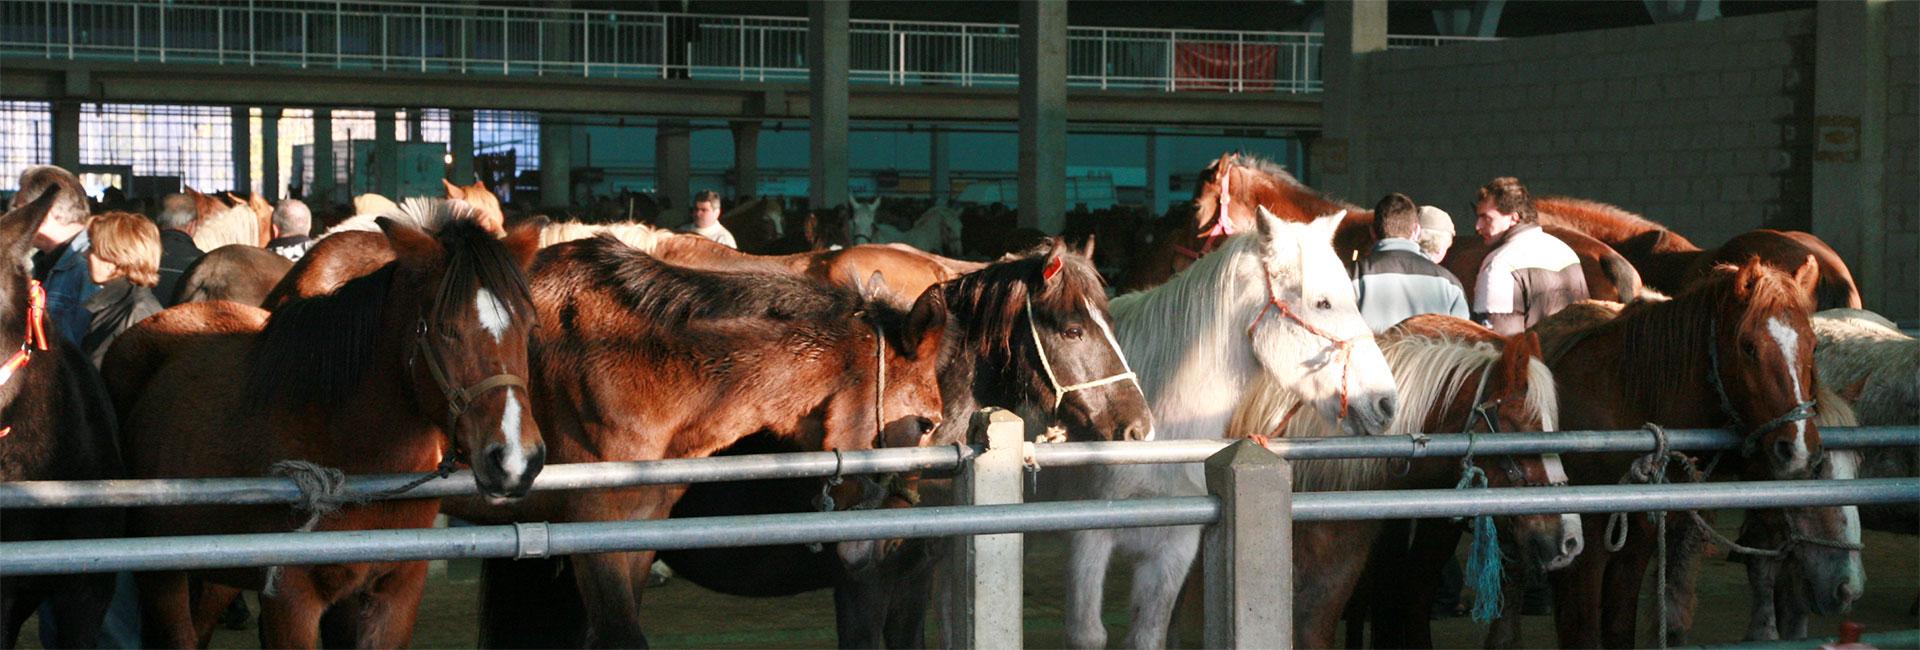 Pferde auf einem Tiermarkt in Spanien